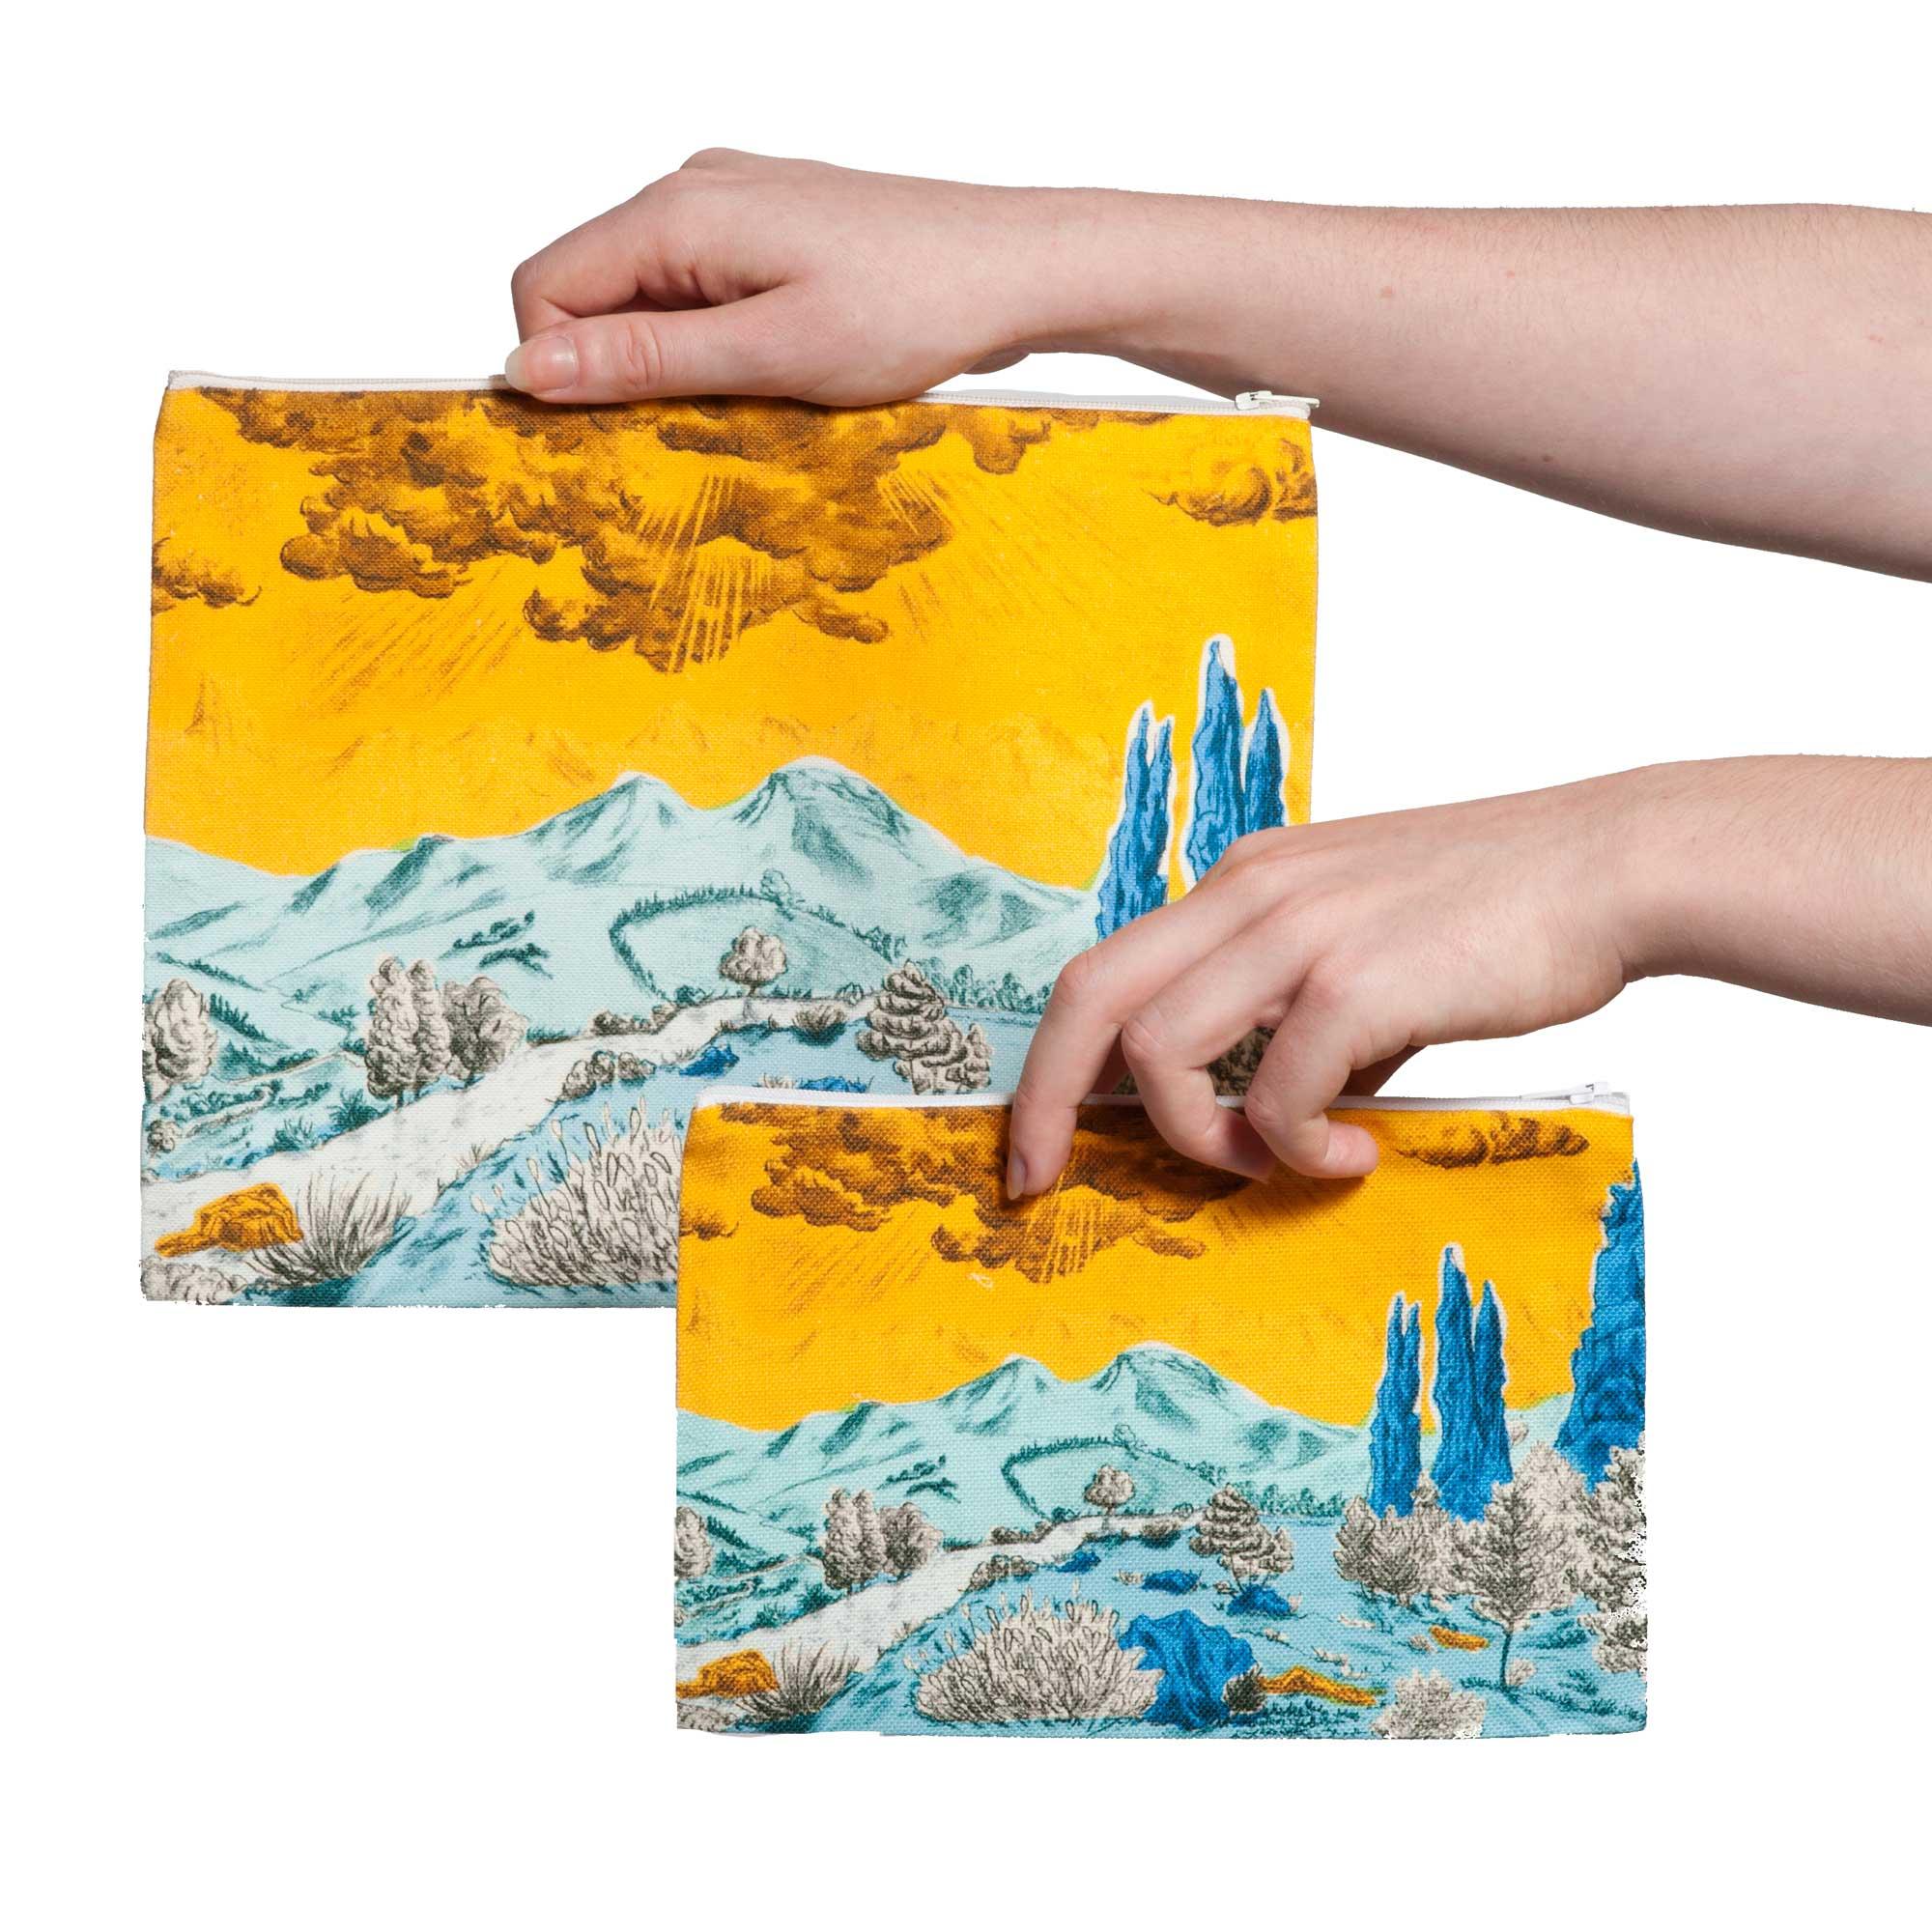 Pochette collection Dormeurs jaune/bleu Céline Dominiak, tailles M et L, verso